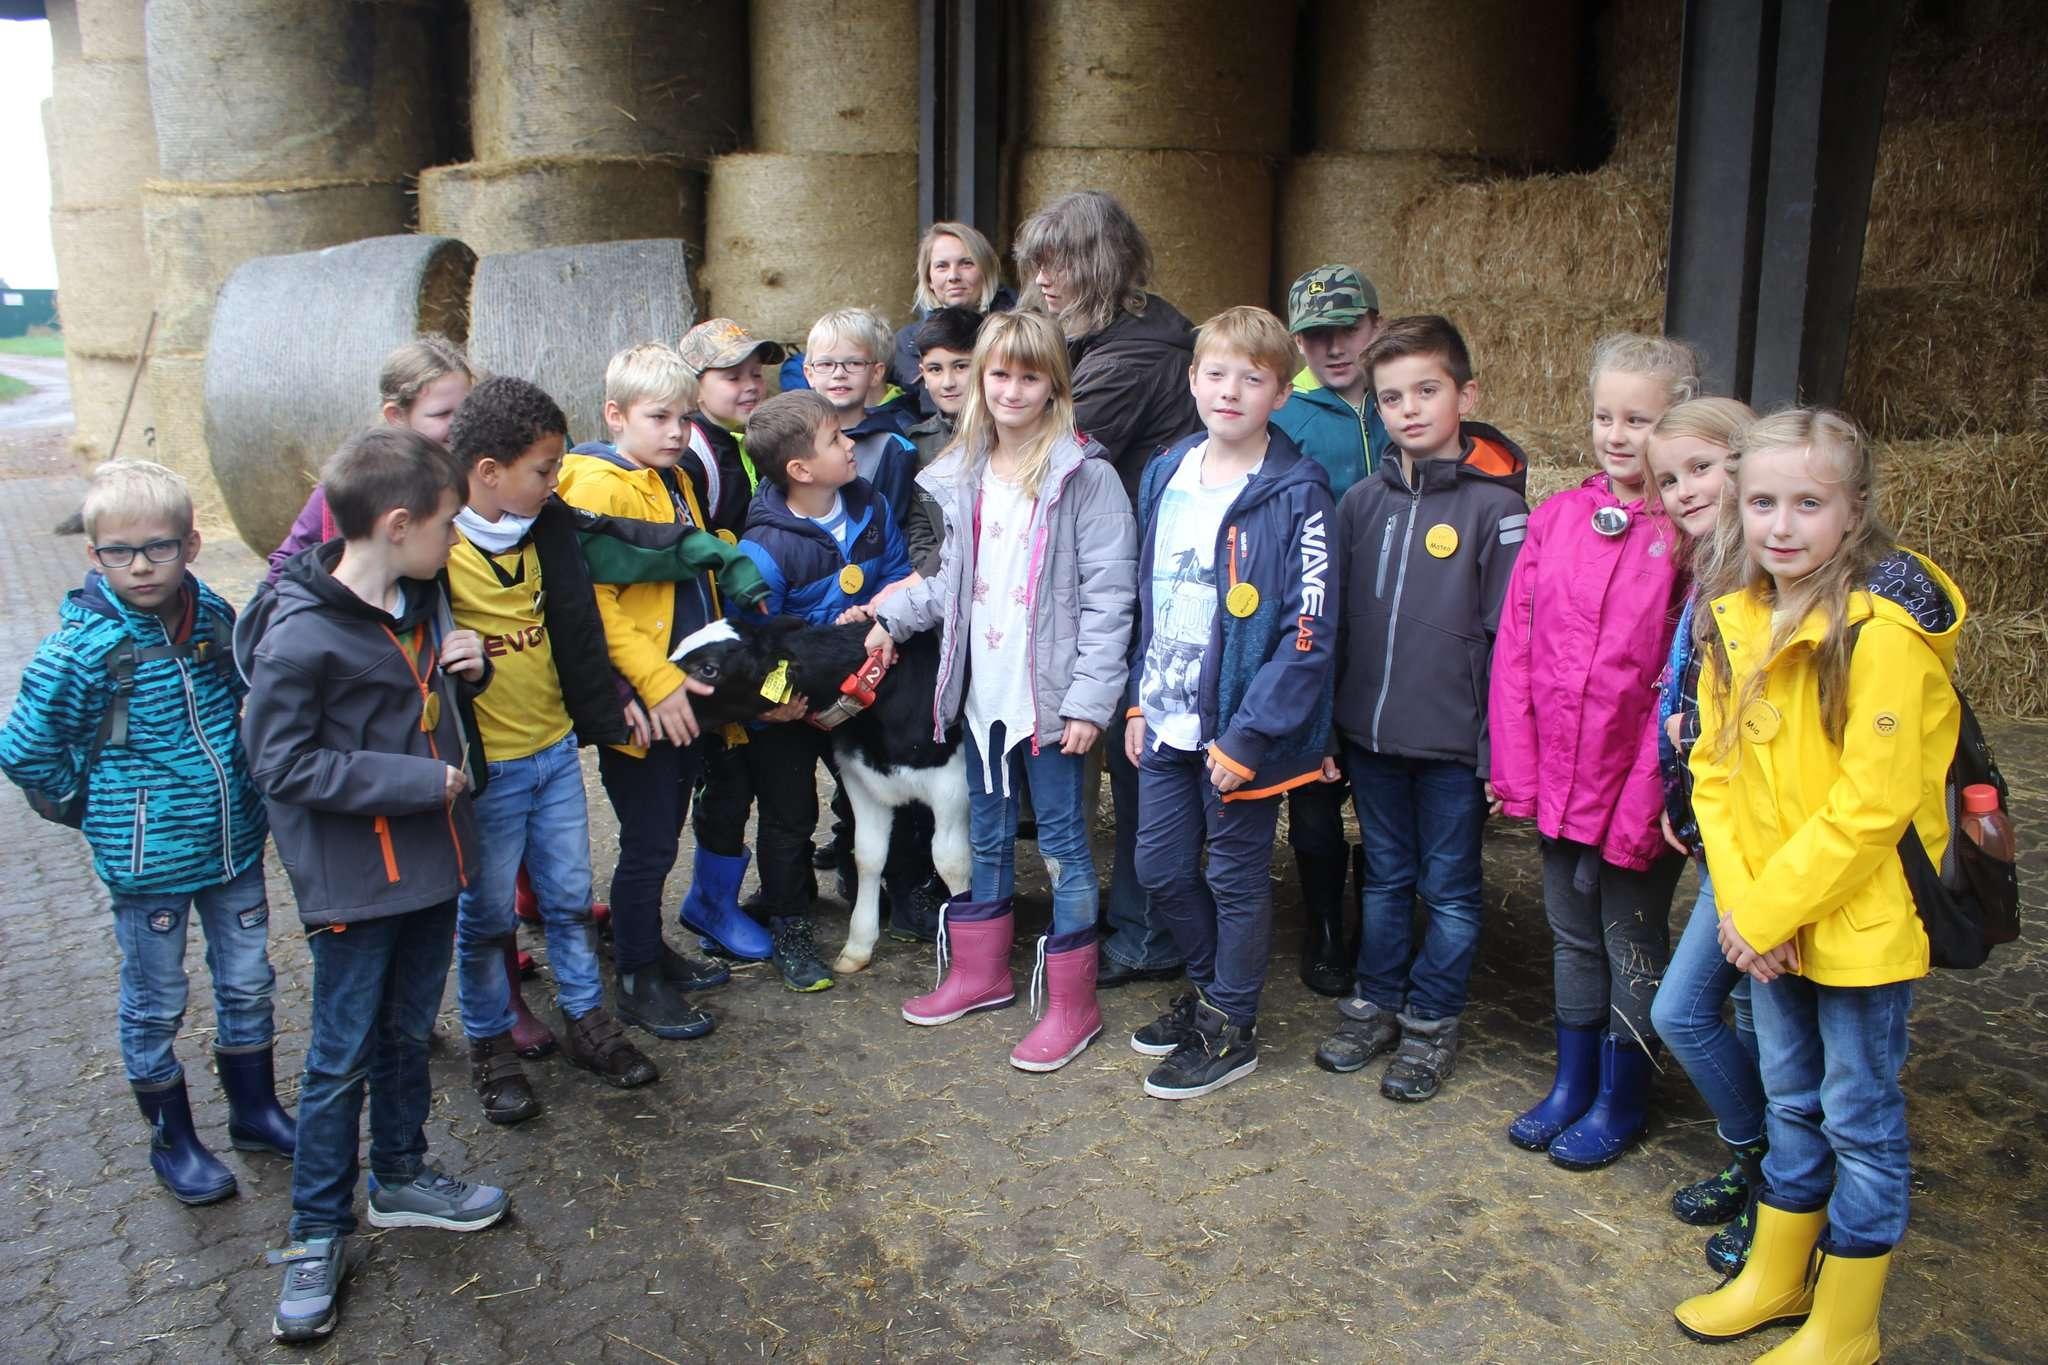 Landwirtin Karin Lindhorst zeigte den Kindern das Kalb Felix, das daraufhin besonders viele Streicheleinheiten bekam. Foto: Henning Leeske